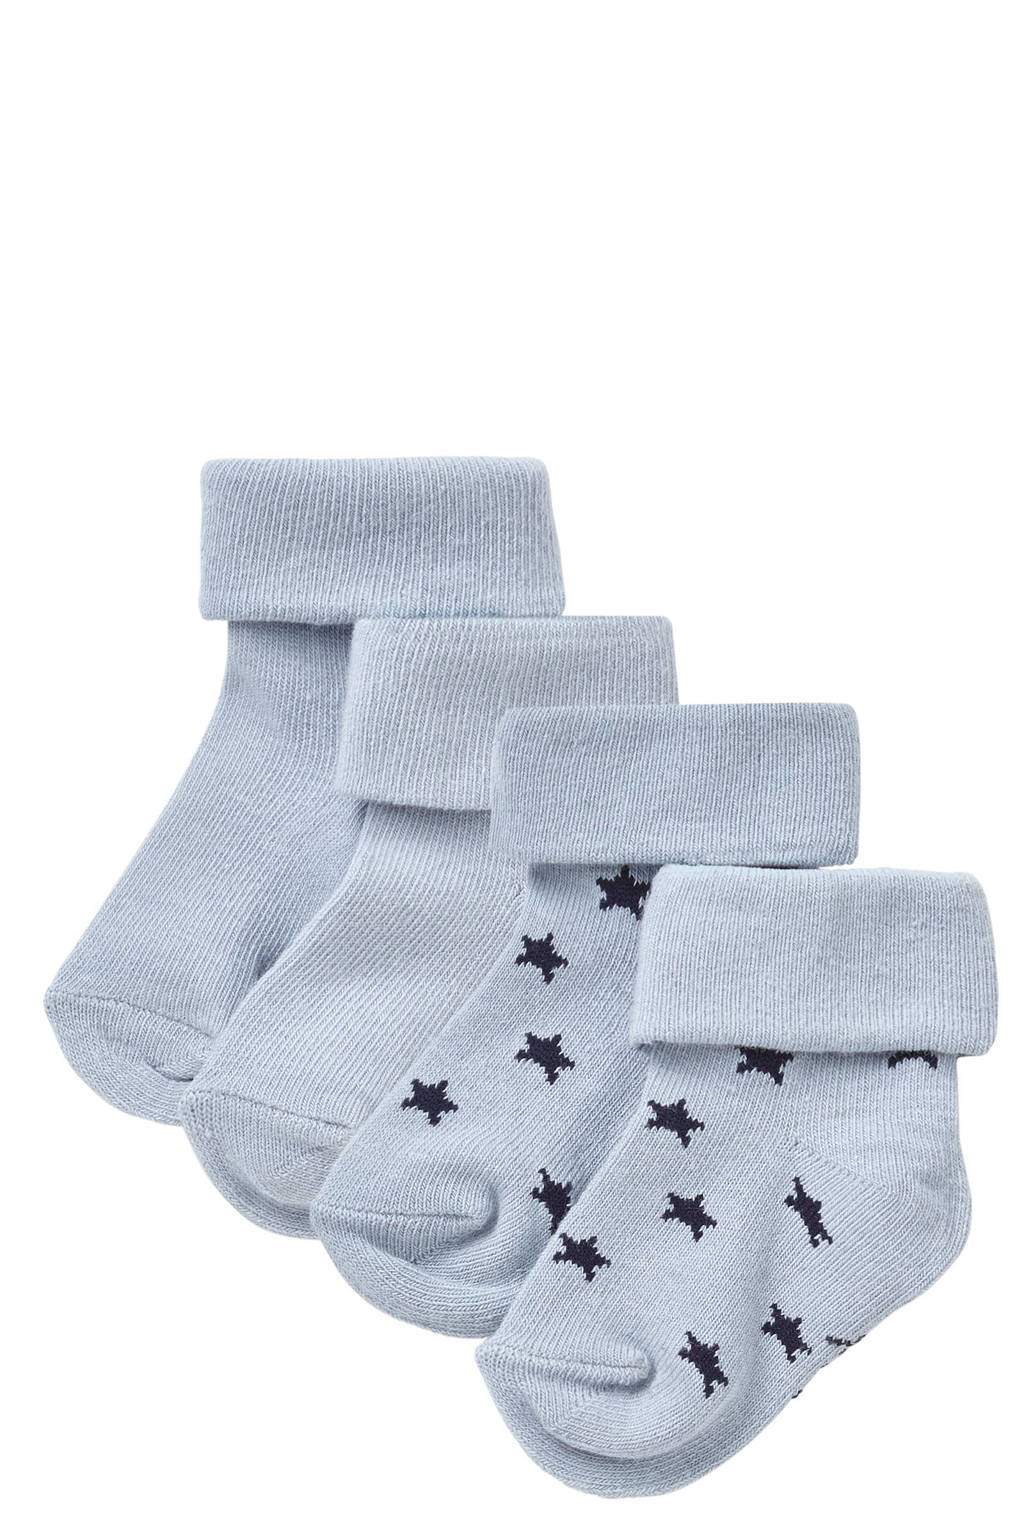 Noppies sokken (2 paar) lichtblauw, Lichtblauw